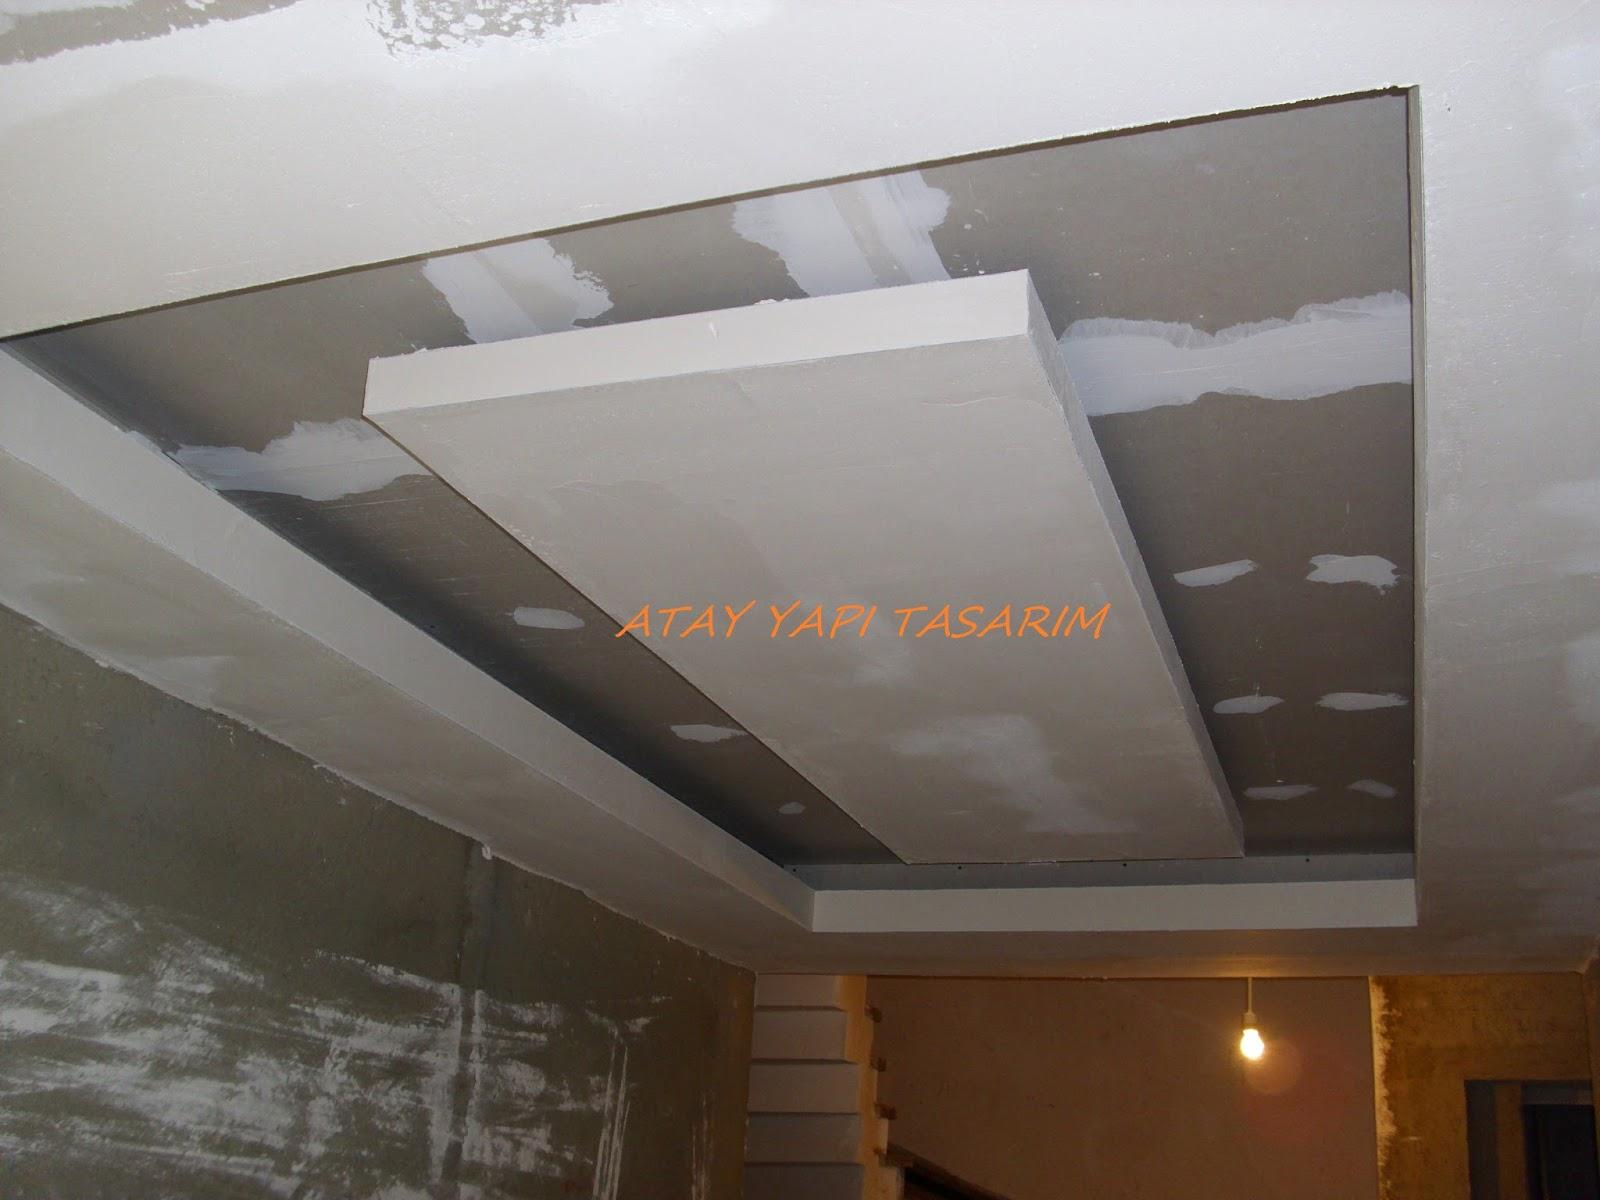 Asma tavan modern resimli isikli ev dekorasyon fikirleri - Asma Tavan Modern Resimli Isikli Ev Dekorasyon Fikirleri 39